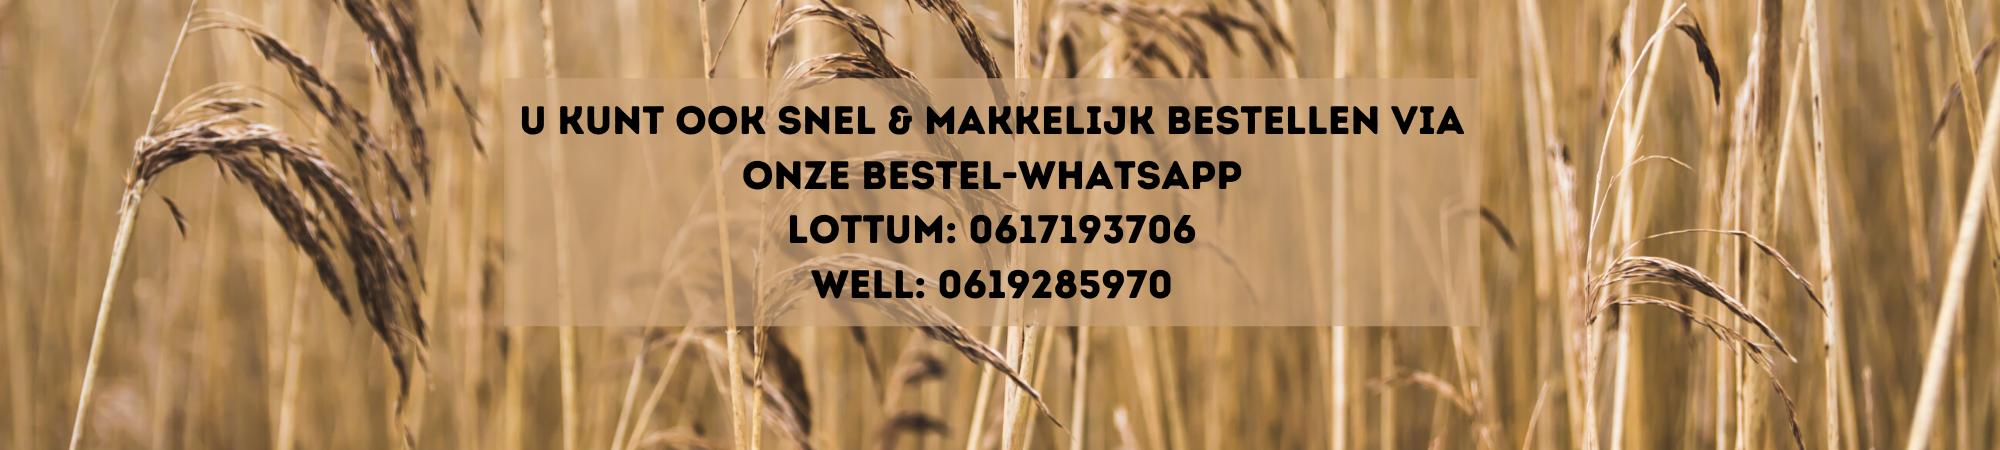 U-kunt-ook-snel-en-makkelijk-bestellen-via-onze-bestel-WhatsappLottum-_-0617193706Well-_-0619285970-3